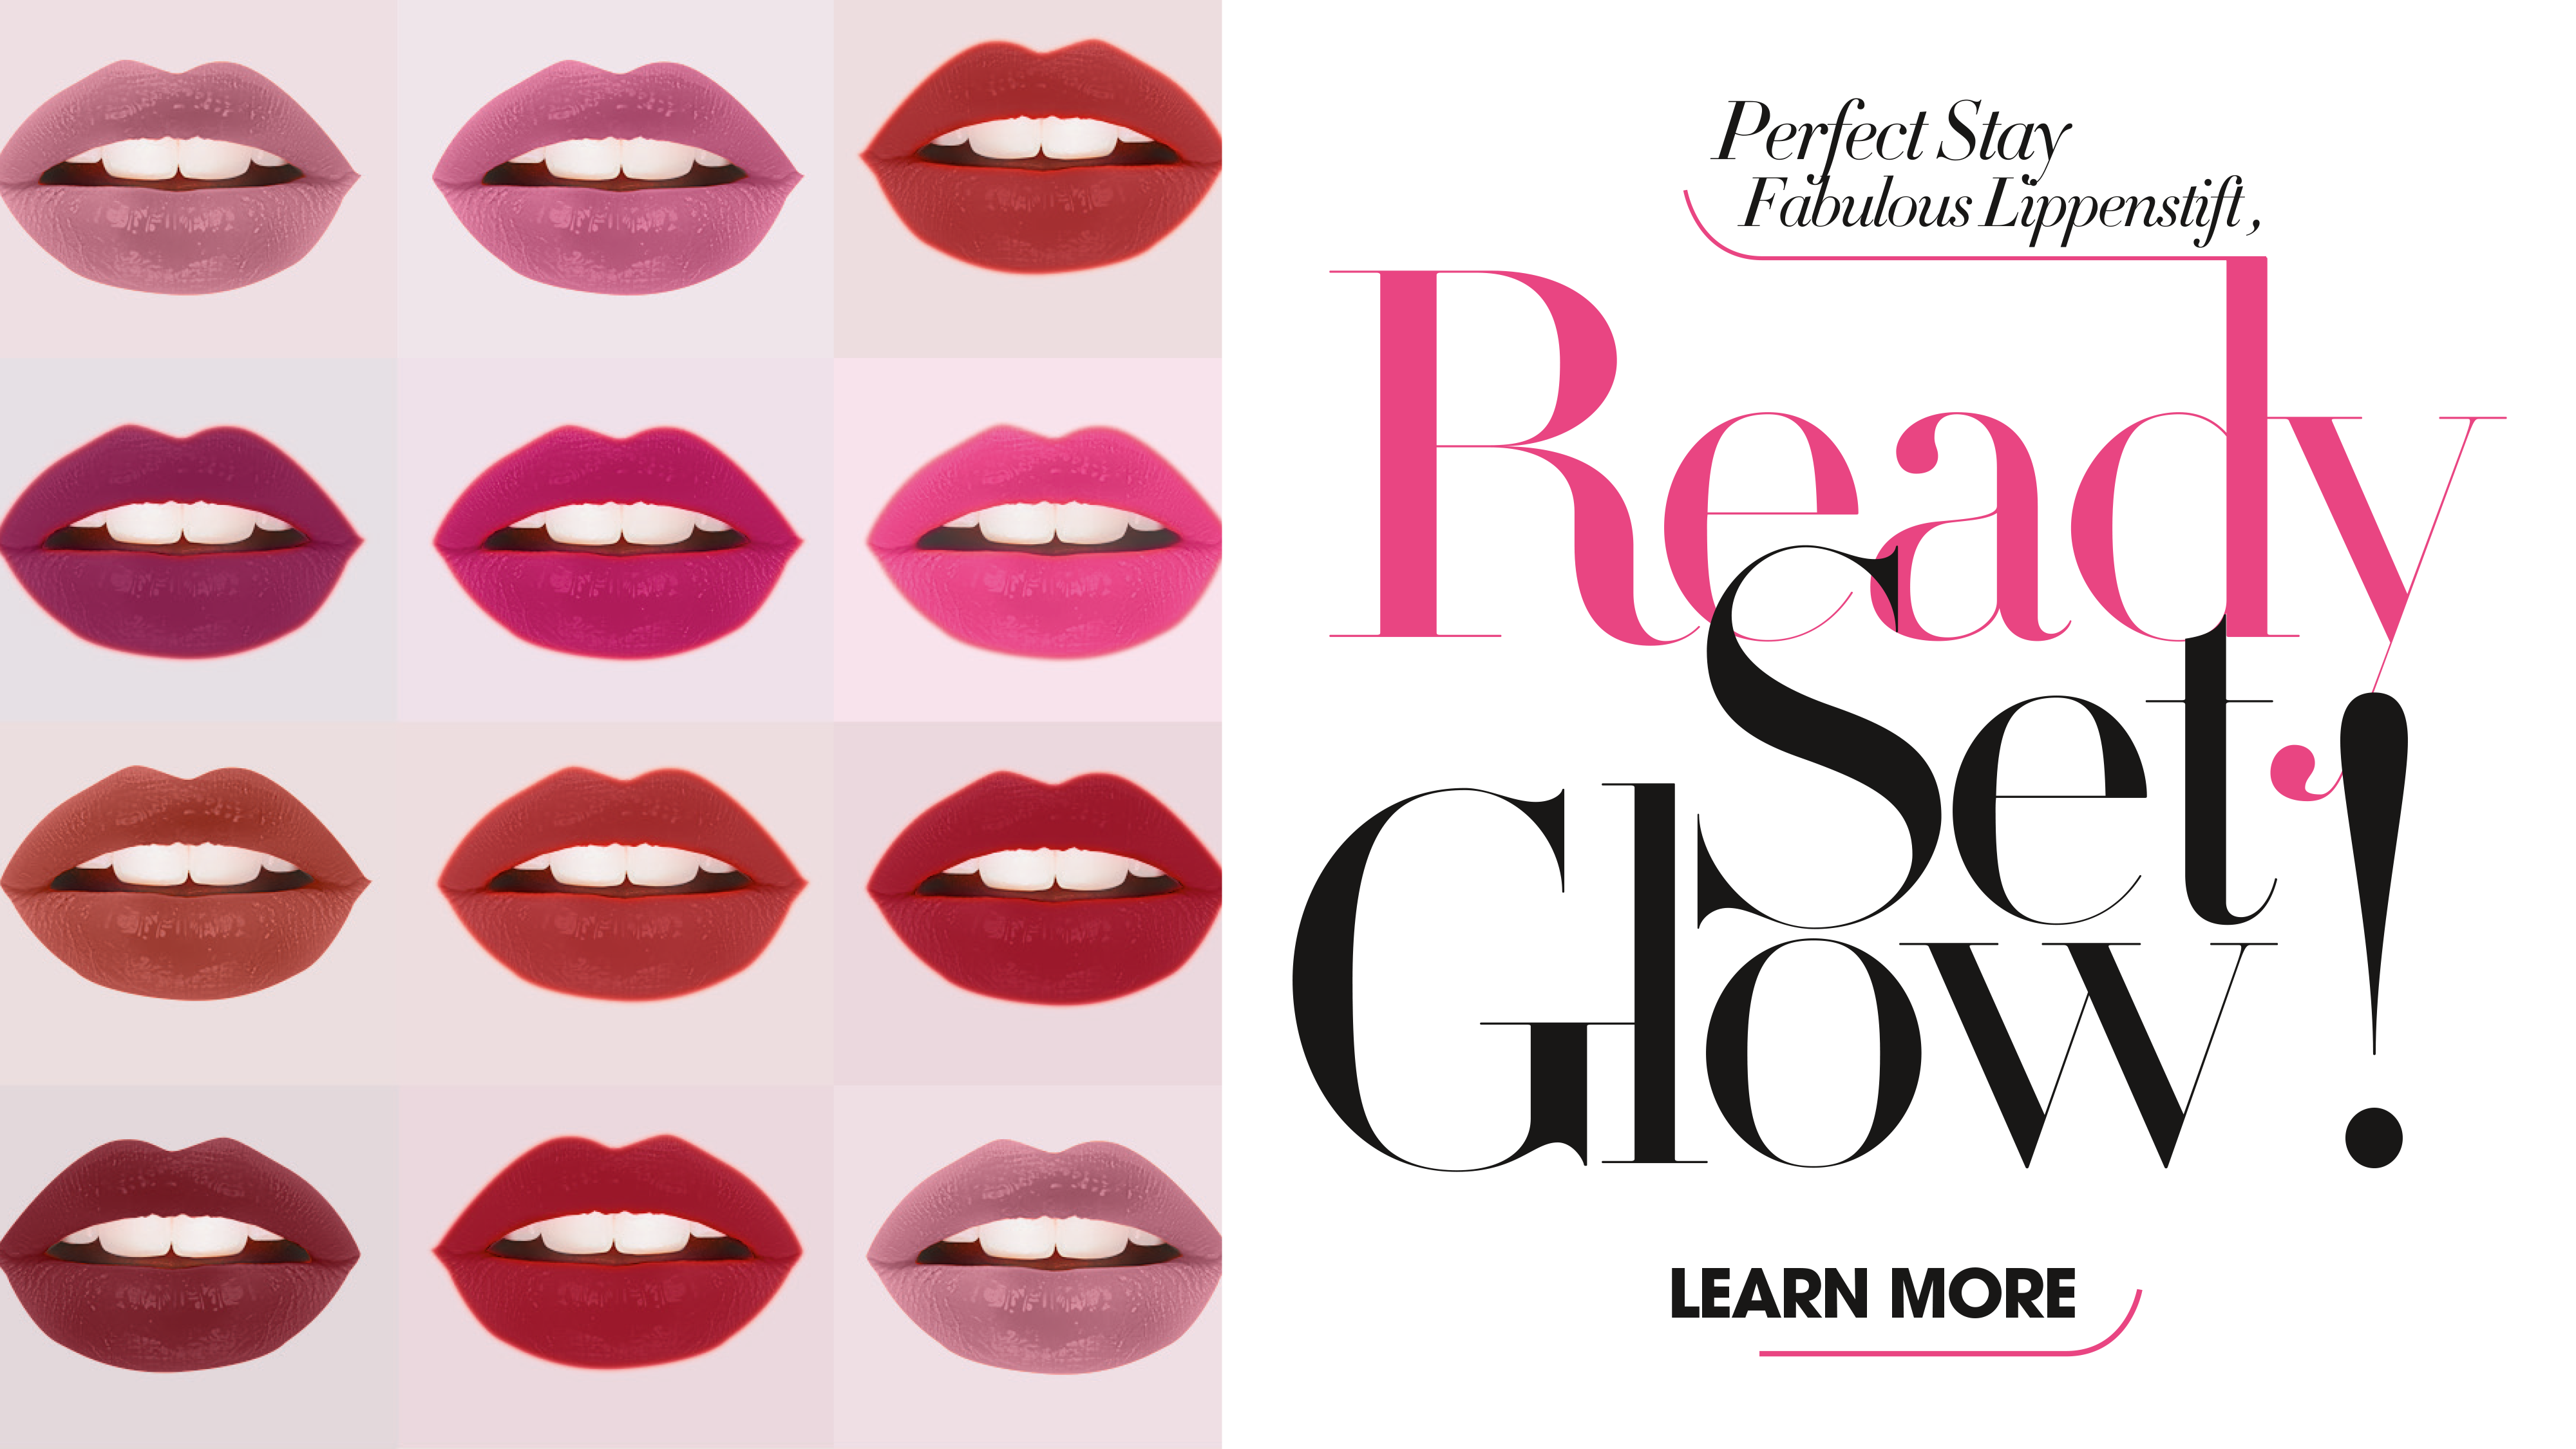 Fabulous Lipstick